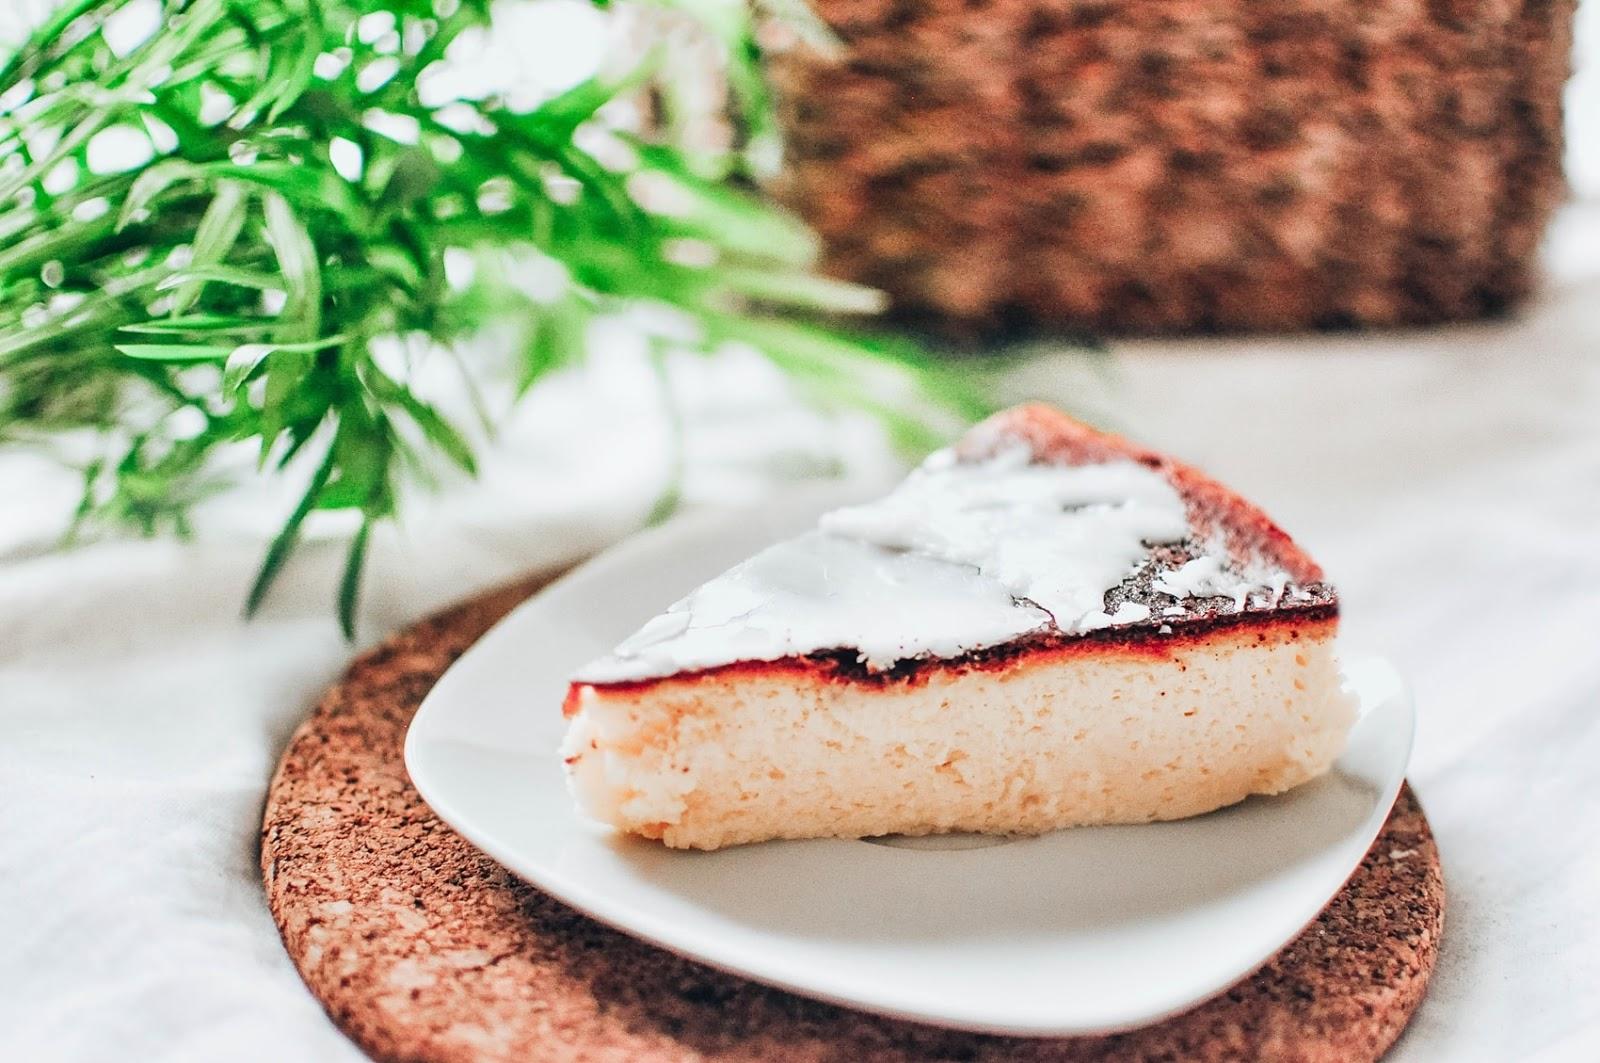 szybki-sernik-tradycyjny